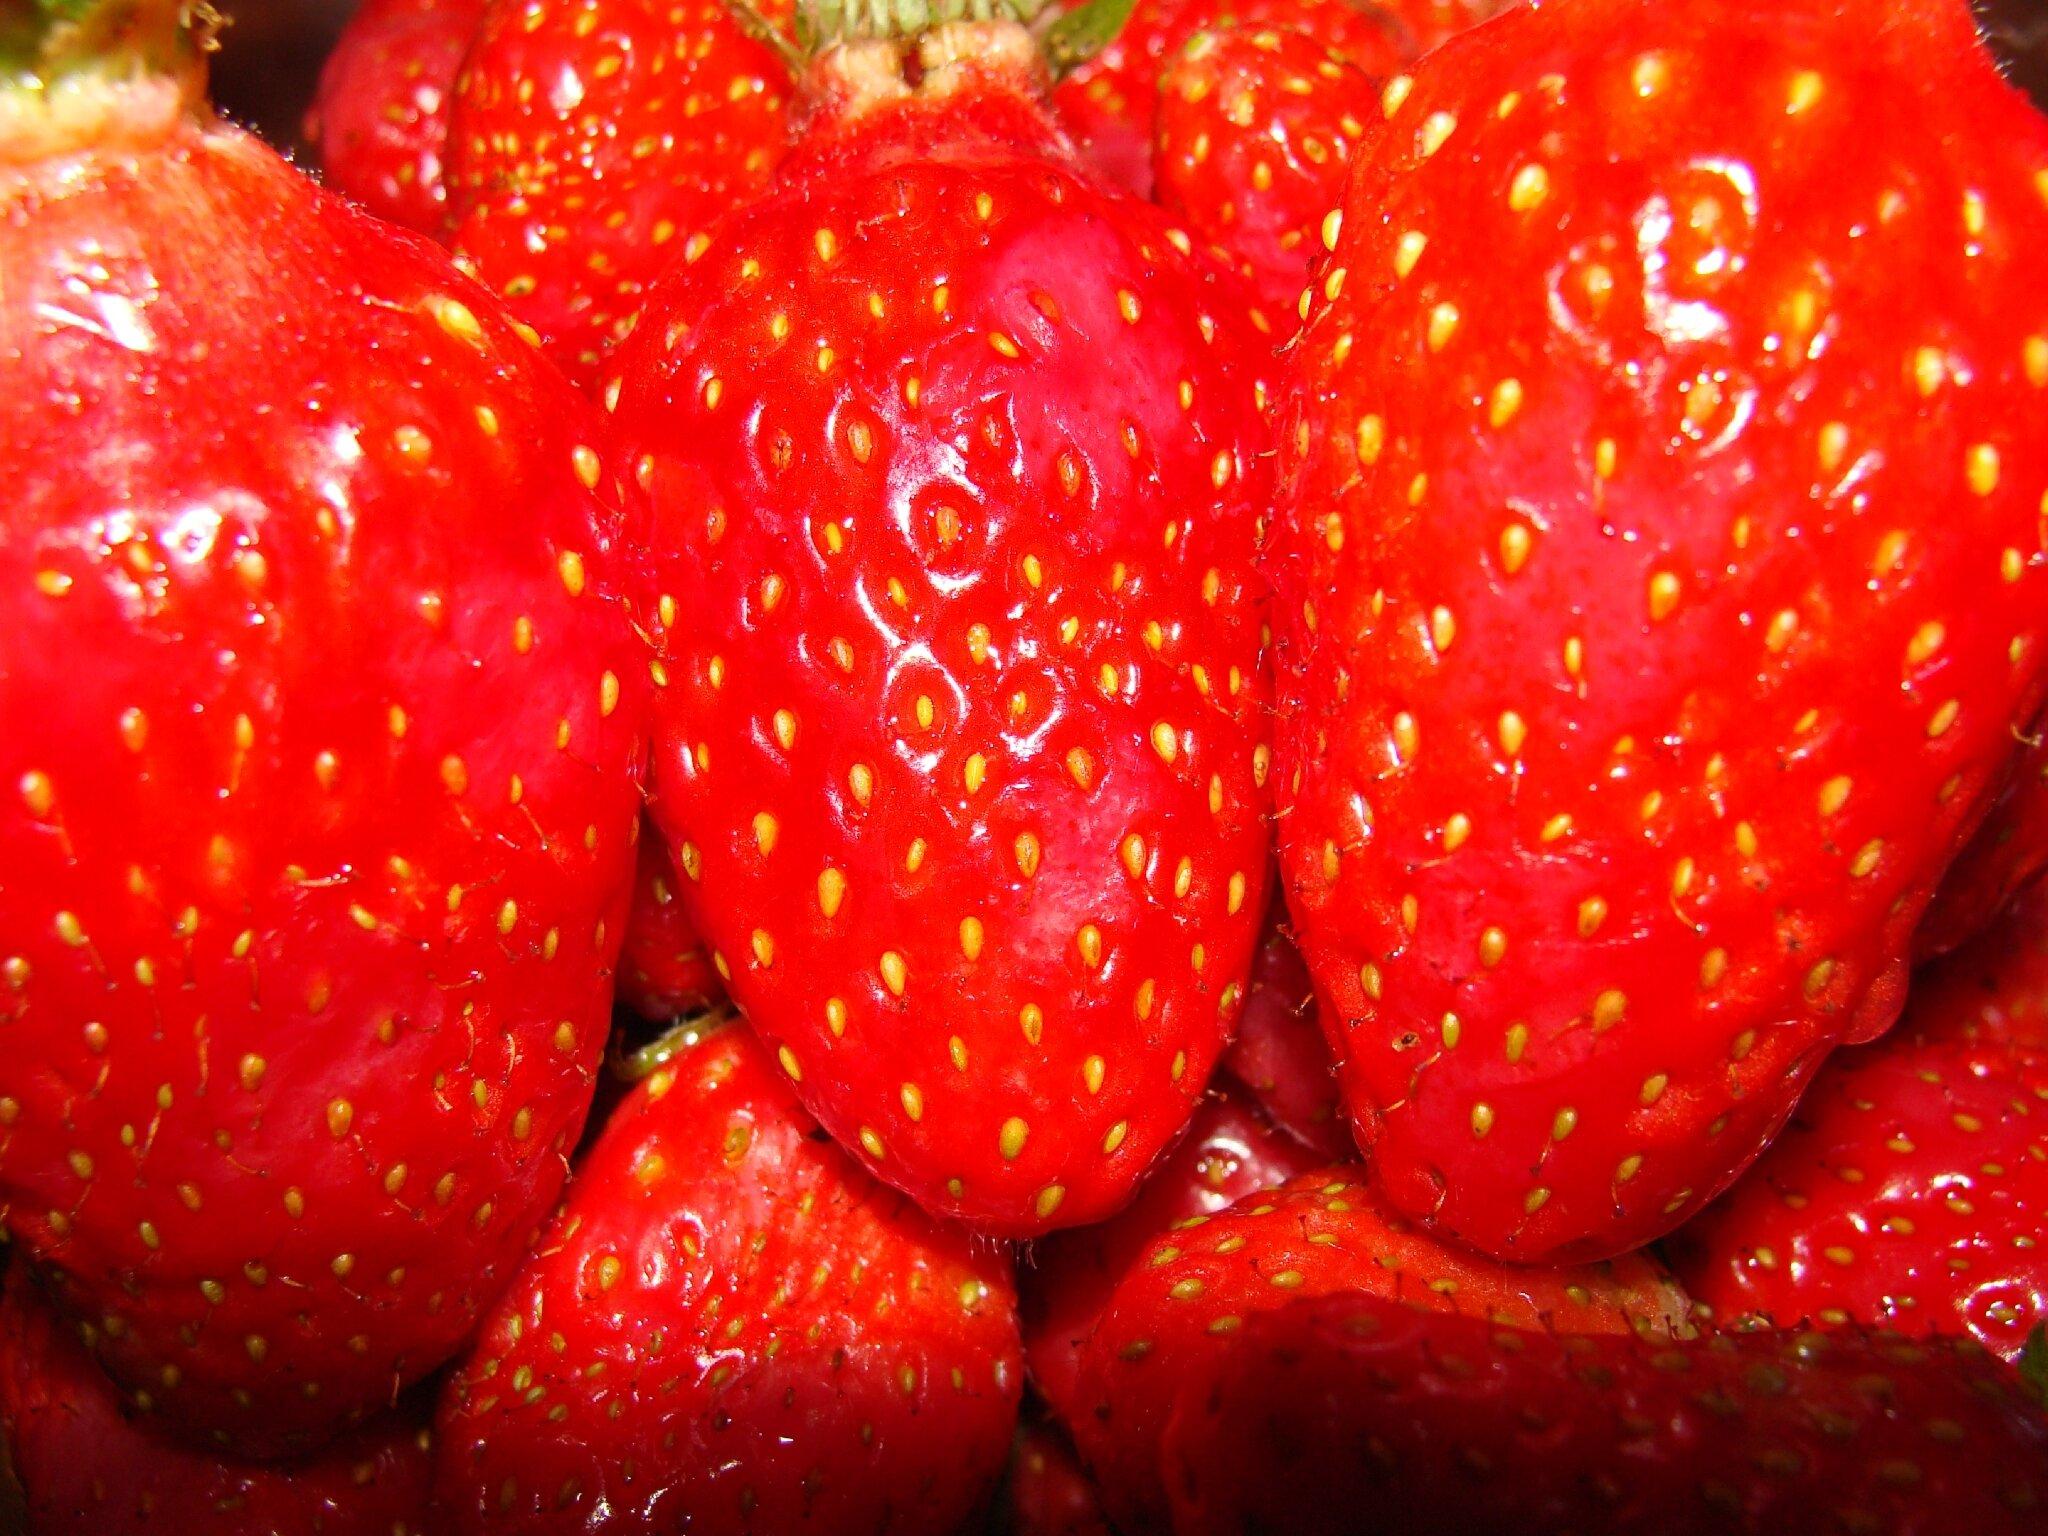 fraises et fraisiers pouce c pousse. Black Bedroom Furniture Sets. Home Design Ideas